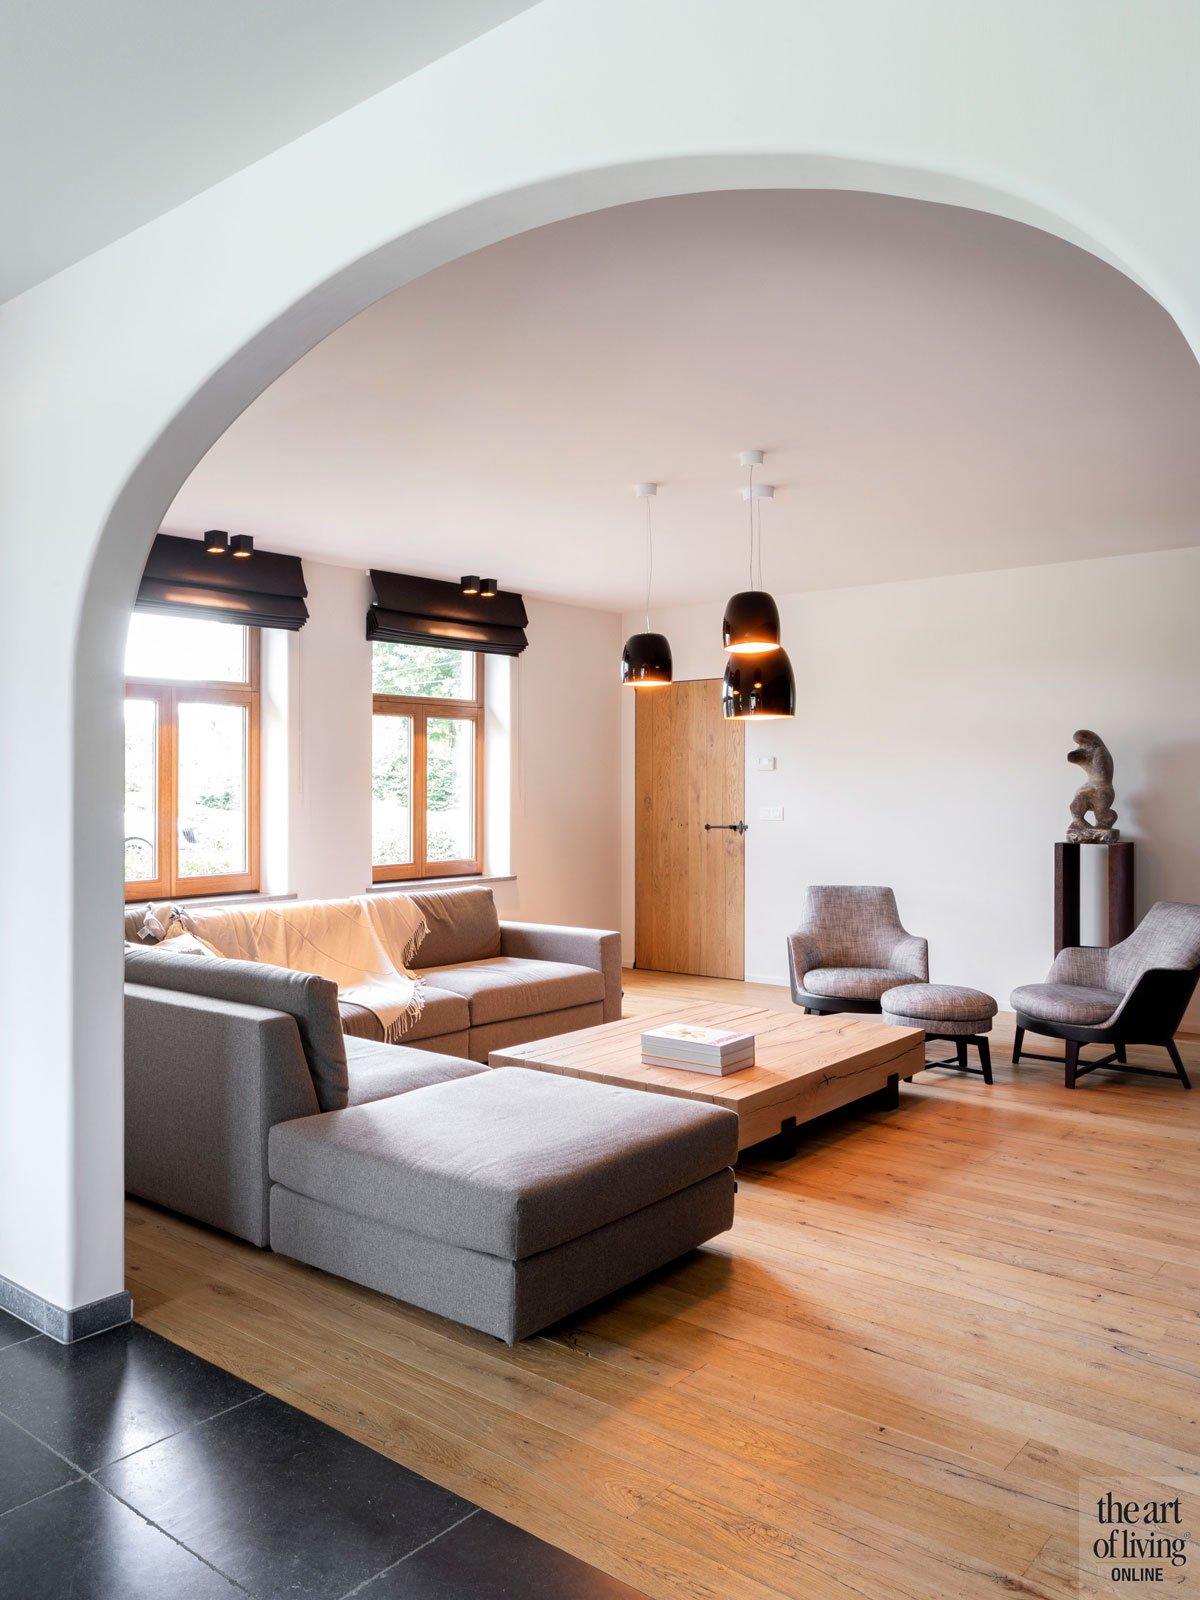 Nieuwbouwwoning   Bill Cosman, the art of living